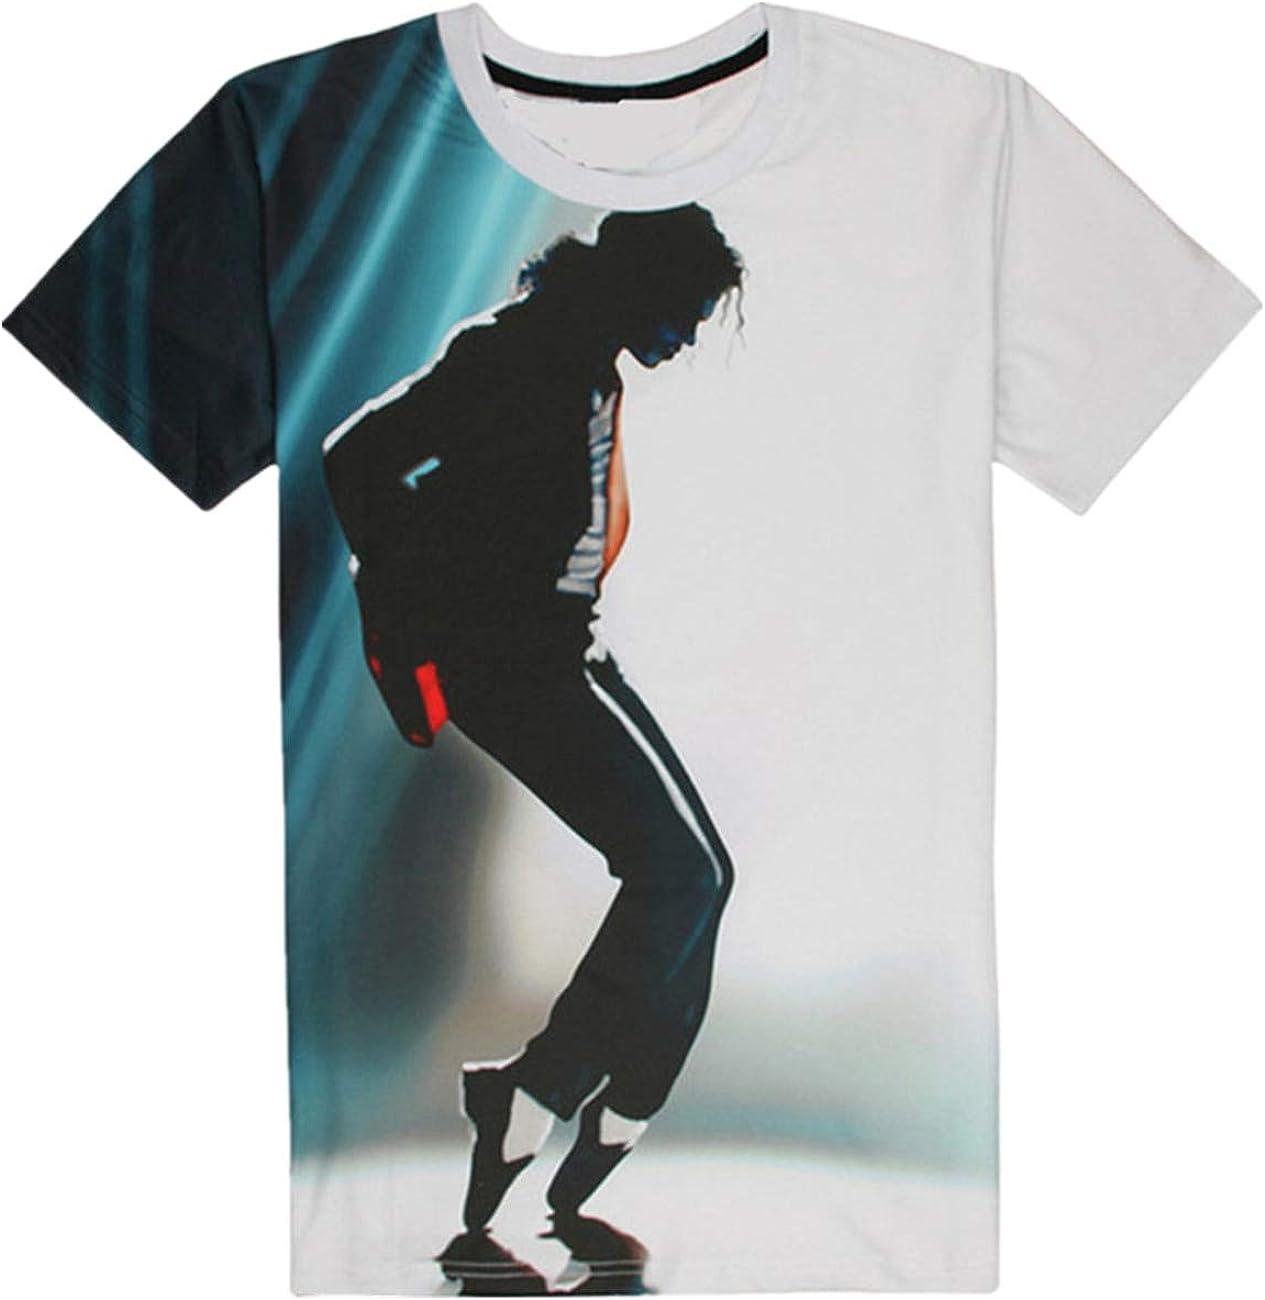 Shuanghao MJ Michael Jackson Space Dance Top Punk Cotton 100% Colorful Tshirt Camisetas Top Casual Camiseta (L): Amazon.es: Ropa y accesorios